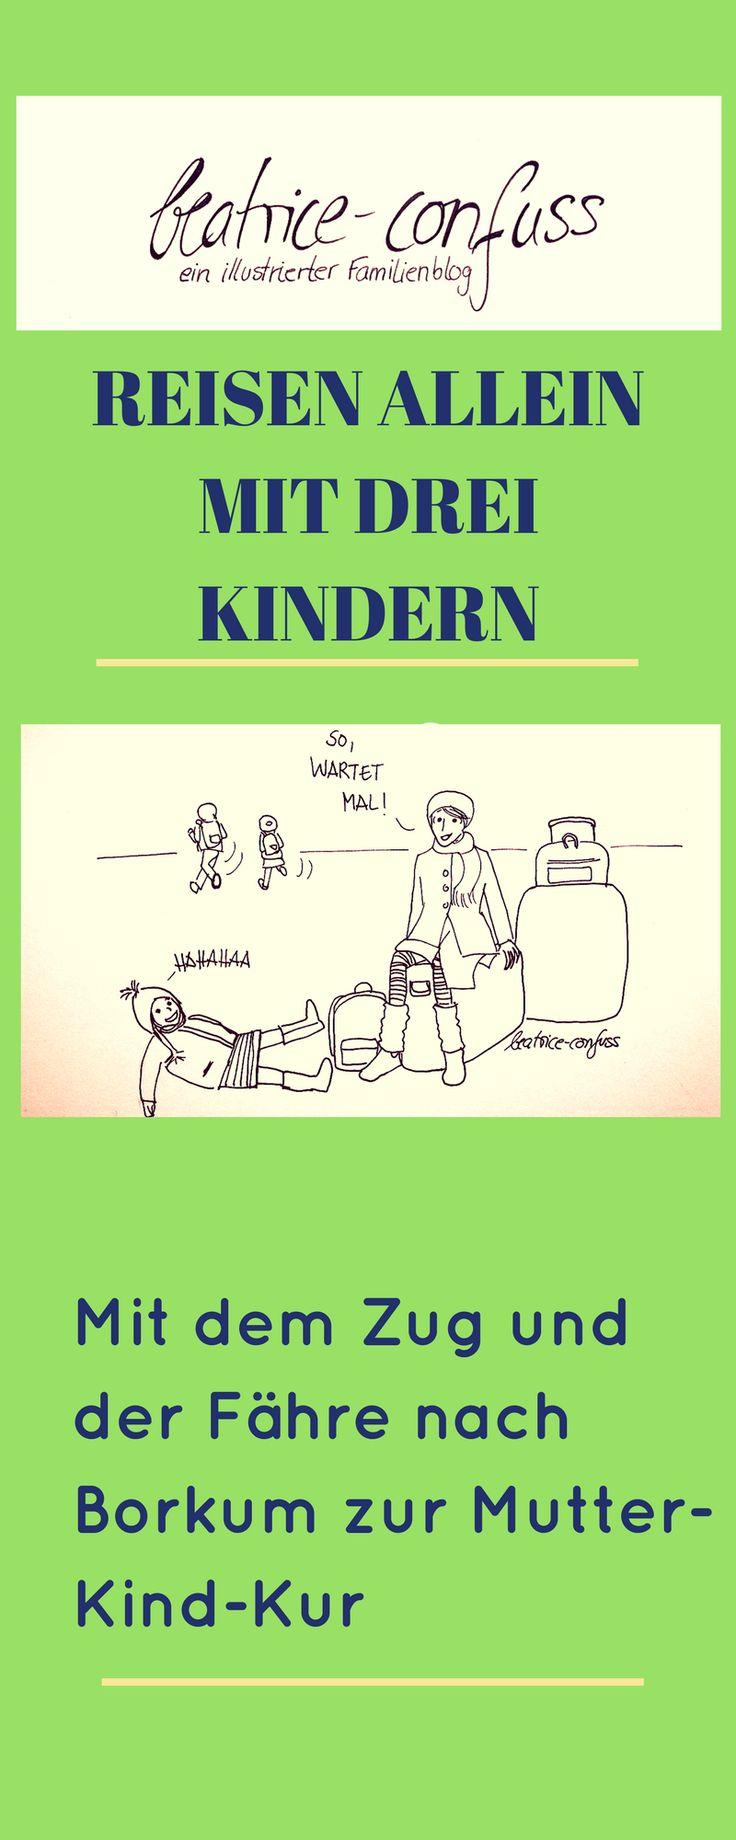 Anreise nach Borkum zur Mutter Kind-Kur. Was erwartet dich.